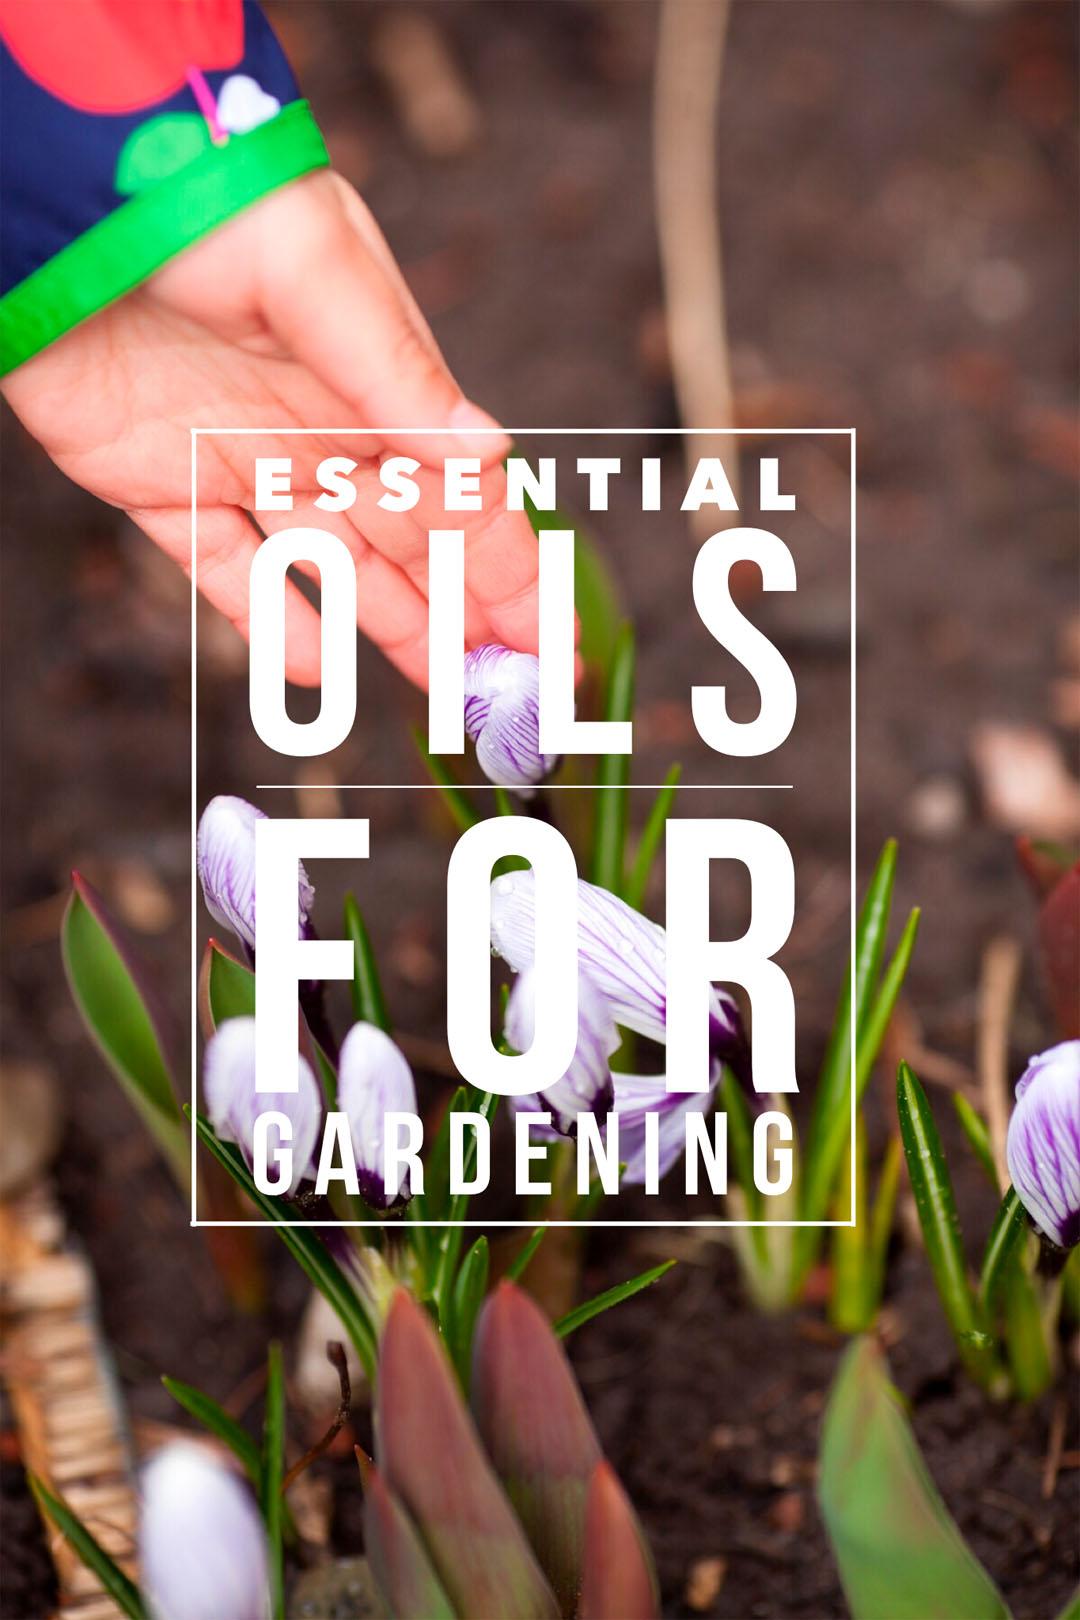 doTERRA essential oils in the garden